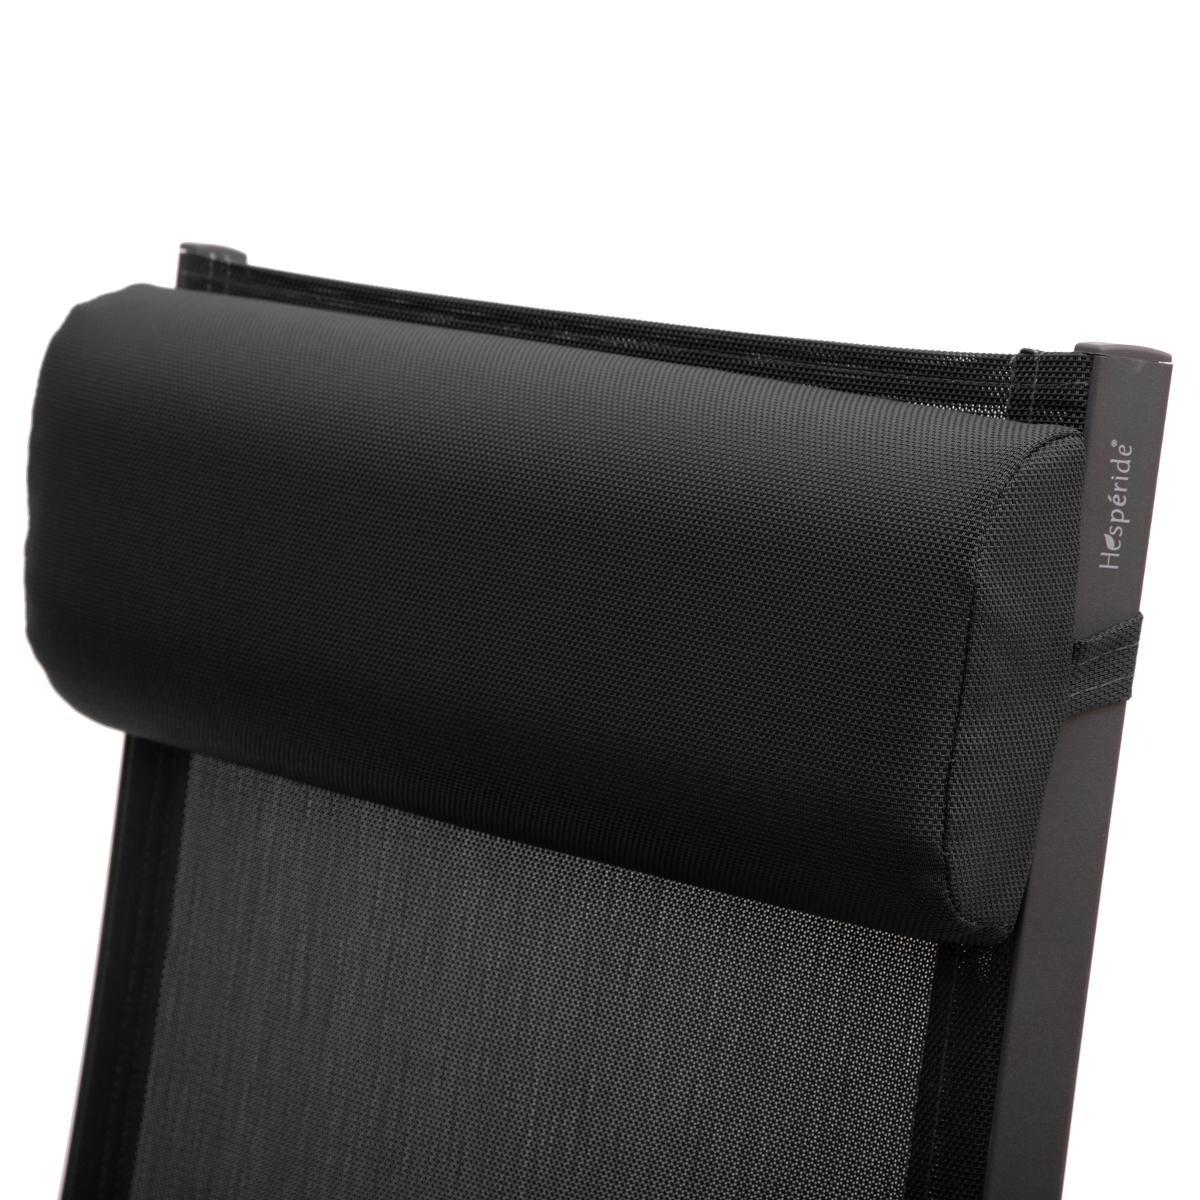 fauteuil de jardin inclinable decima anthracite graphite hesperide com